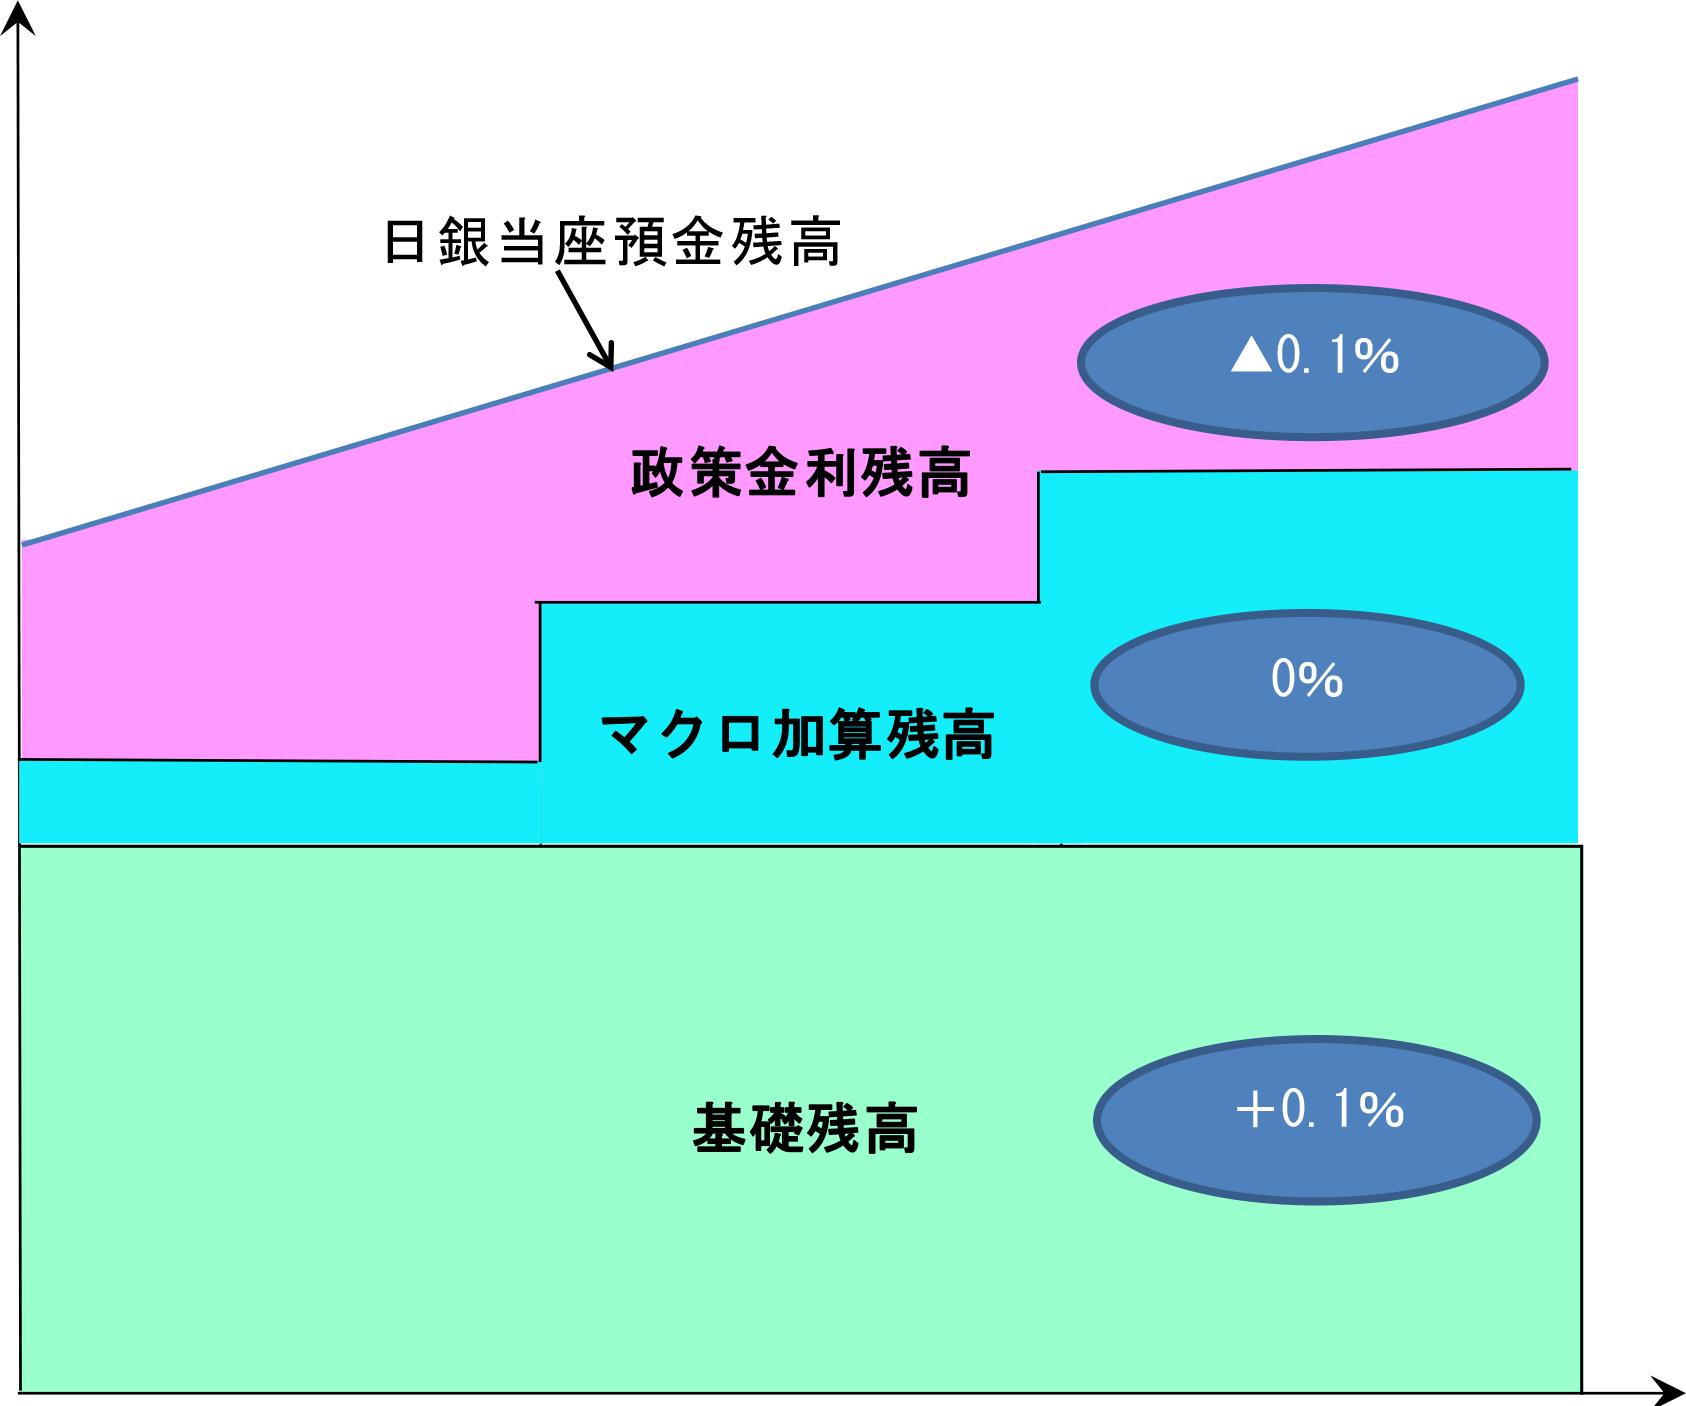 日銀当座預金の「階層構造」の図(日銀資料より)